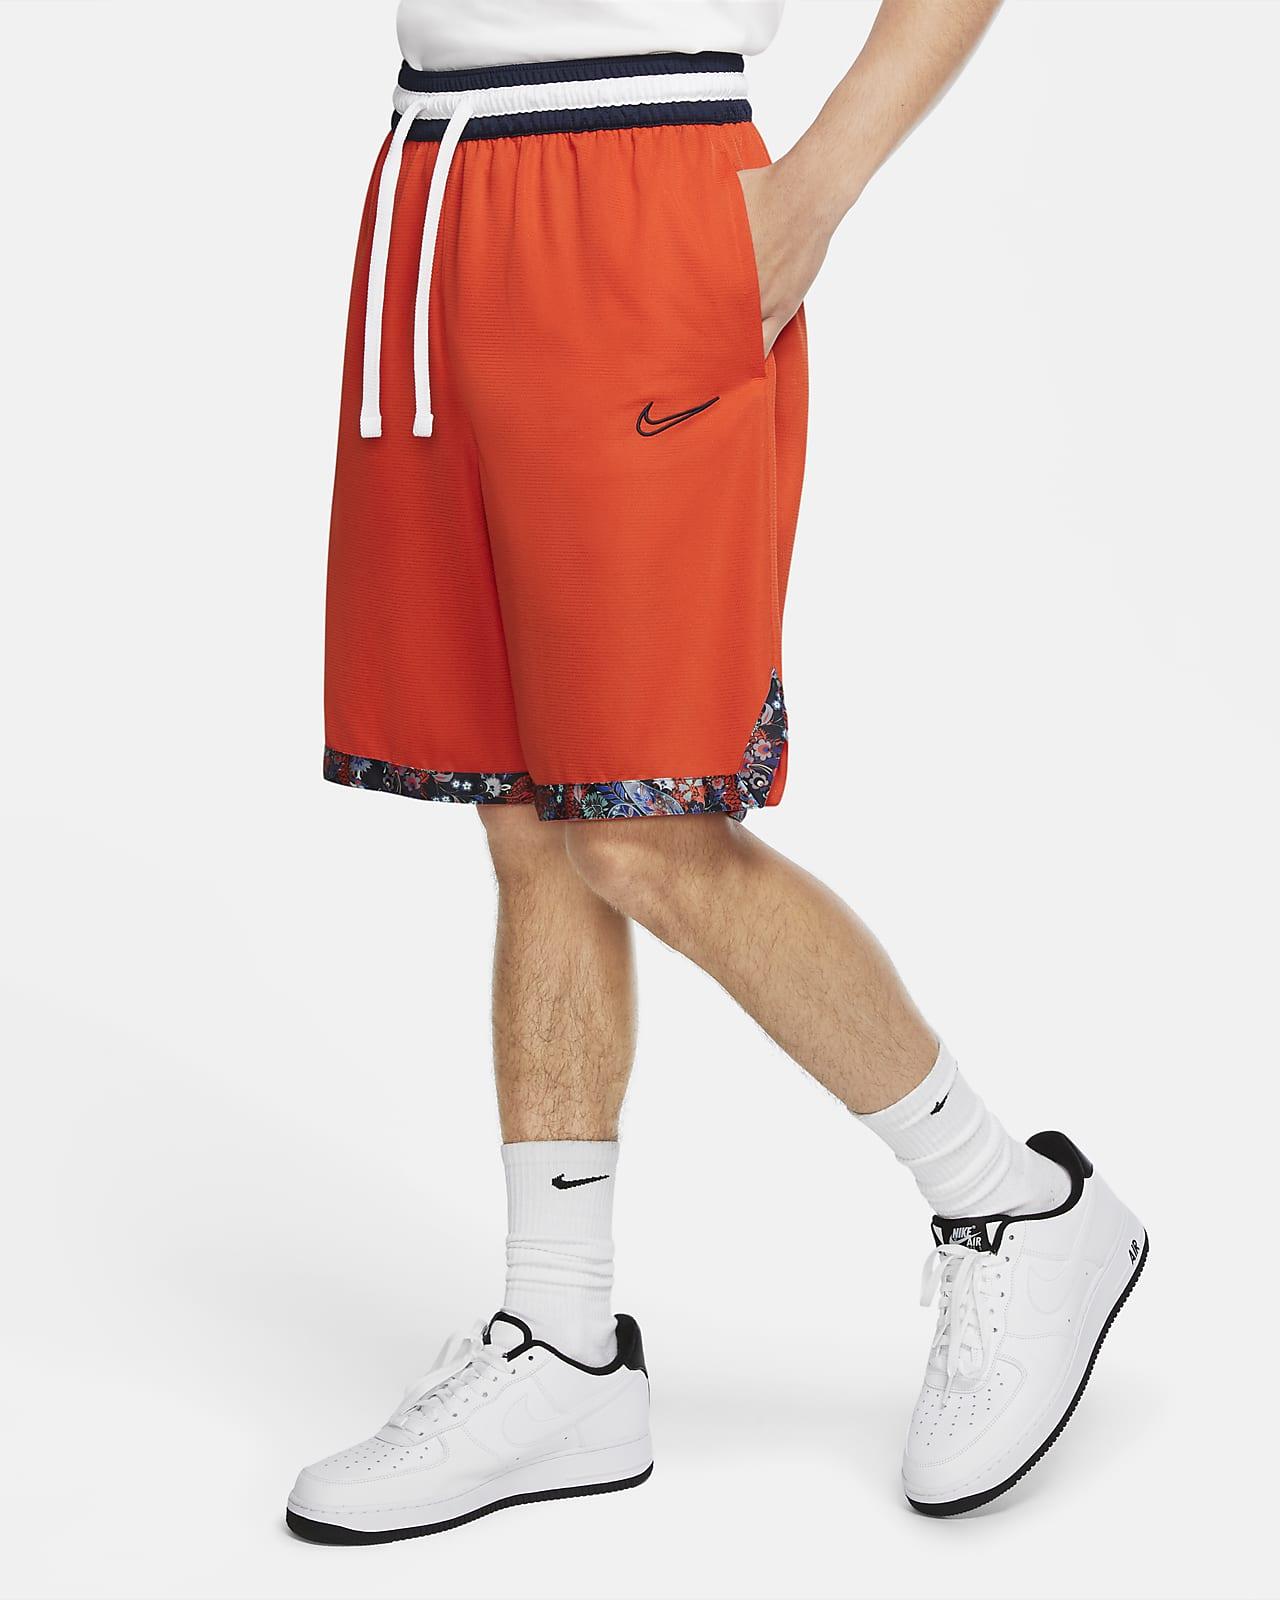 กางเกงบาสเก็ตบอลขาสั้นผู้ชาย Nike Dri-FIT DNA